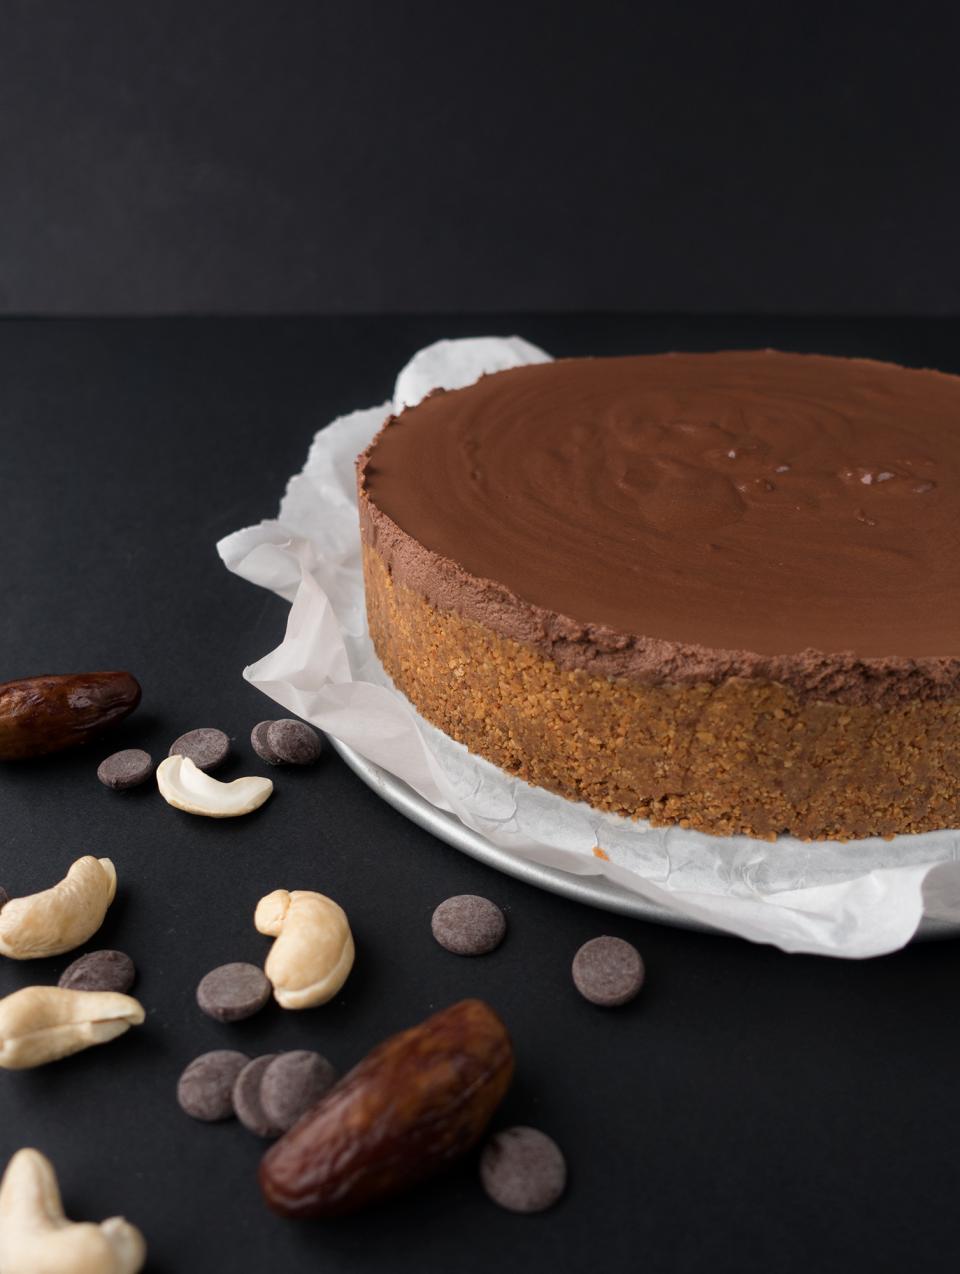 Découvrez notre recette de cheesecake vegan au chocolat. Sans sucre ajouté et sans cuisson mais avec beaucoup de goût, c'est un délice facile à réaliser !